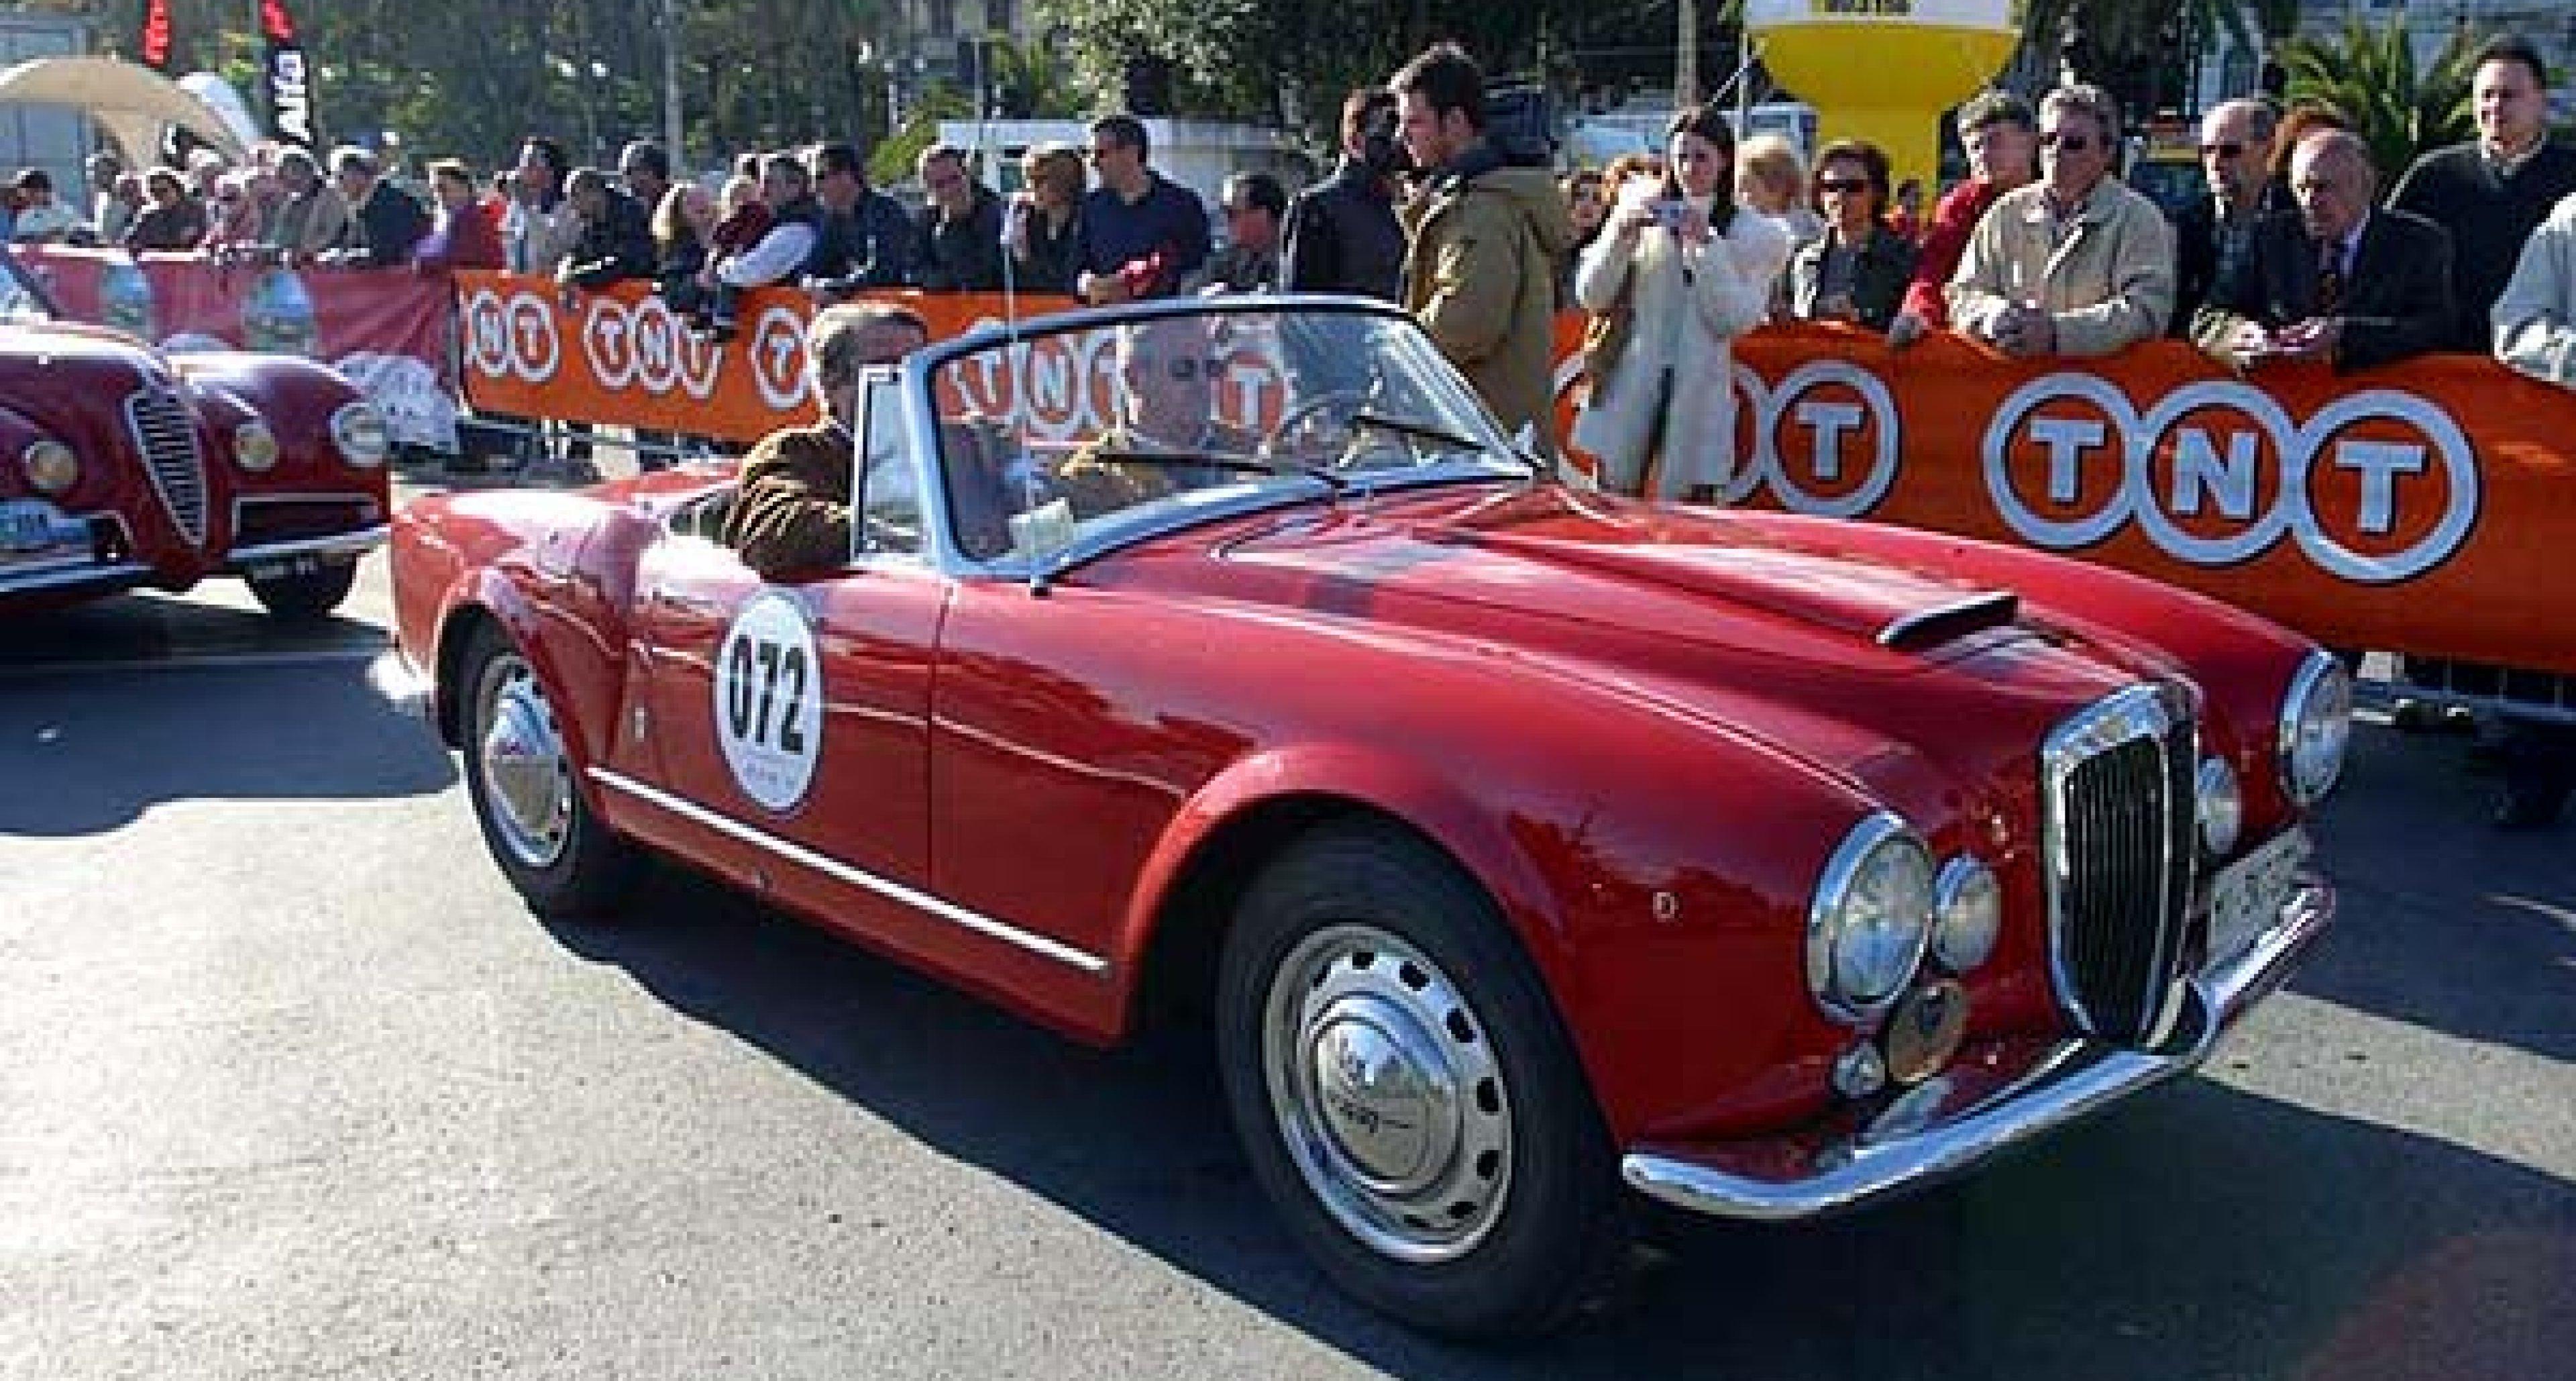 Coppa Milano-Sanremo 2004 - the latest news